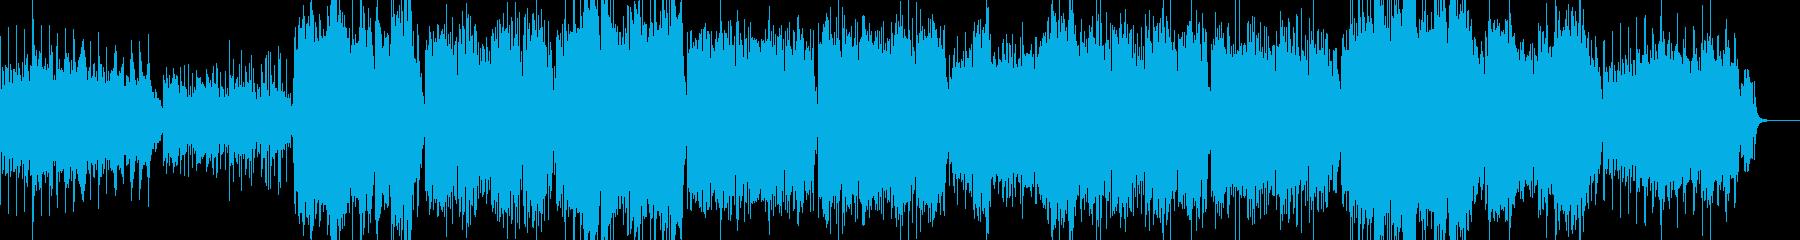 太鼓と尺八を使った軽快なエレクトロニカの再生済みの波形